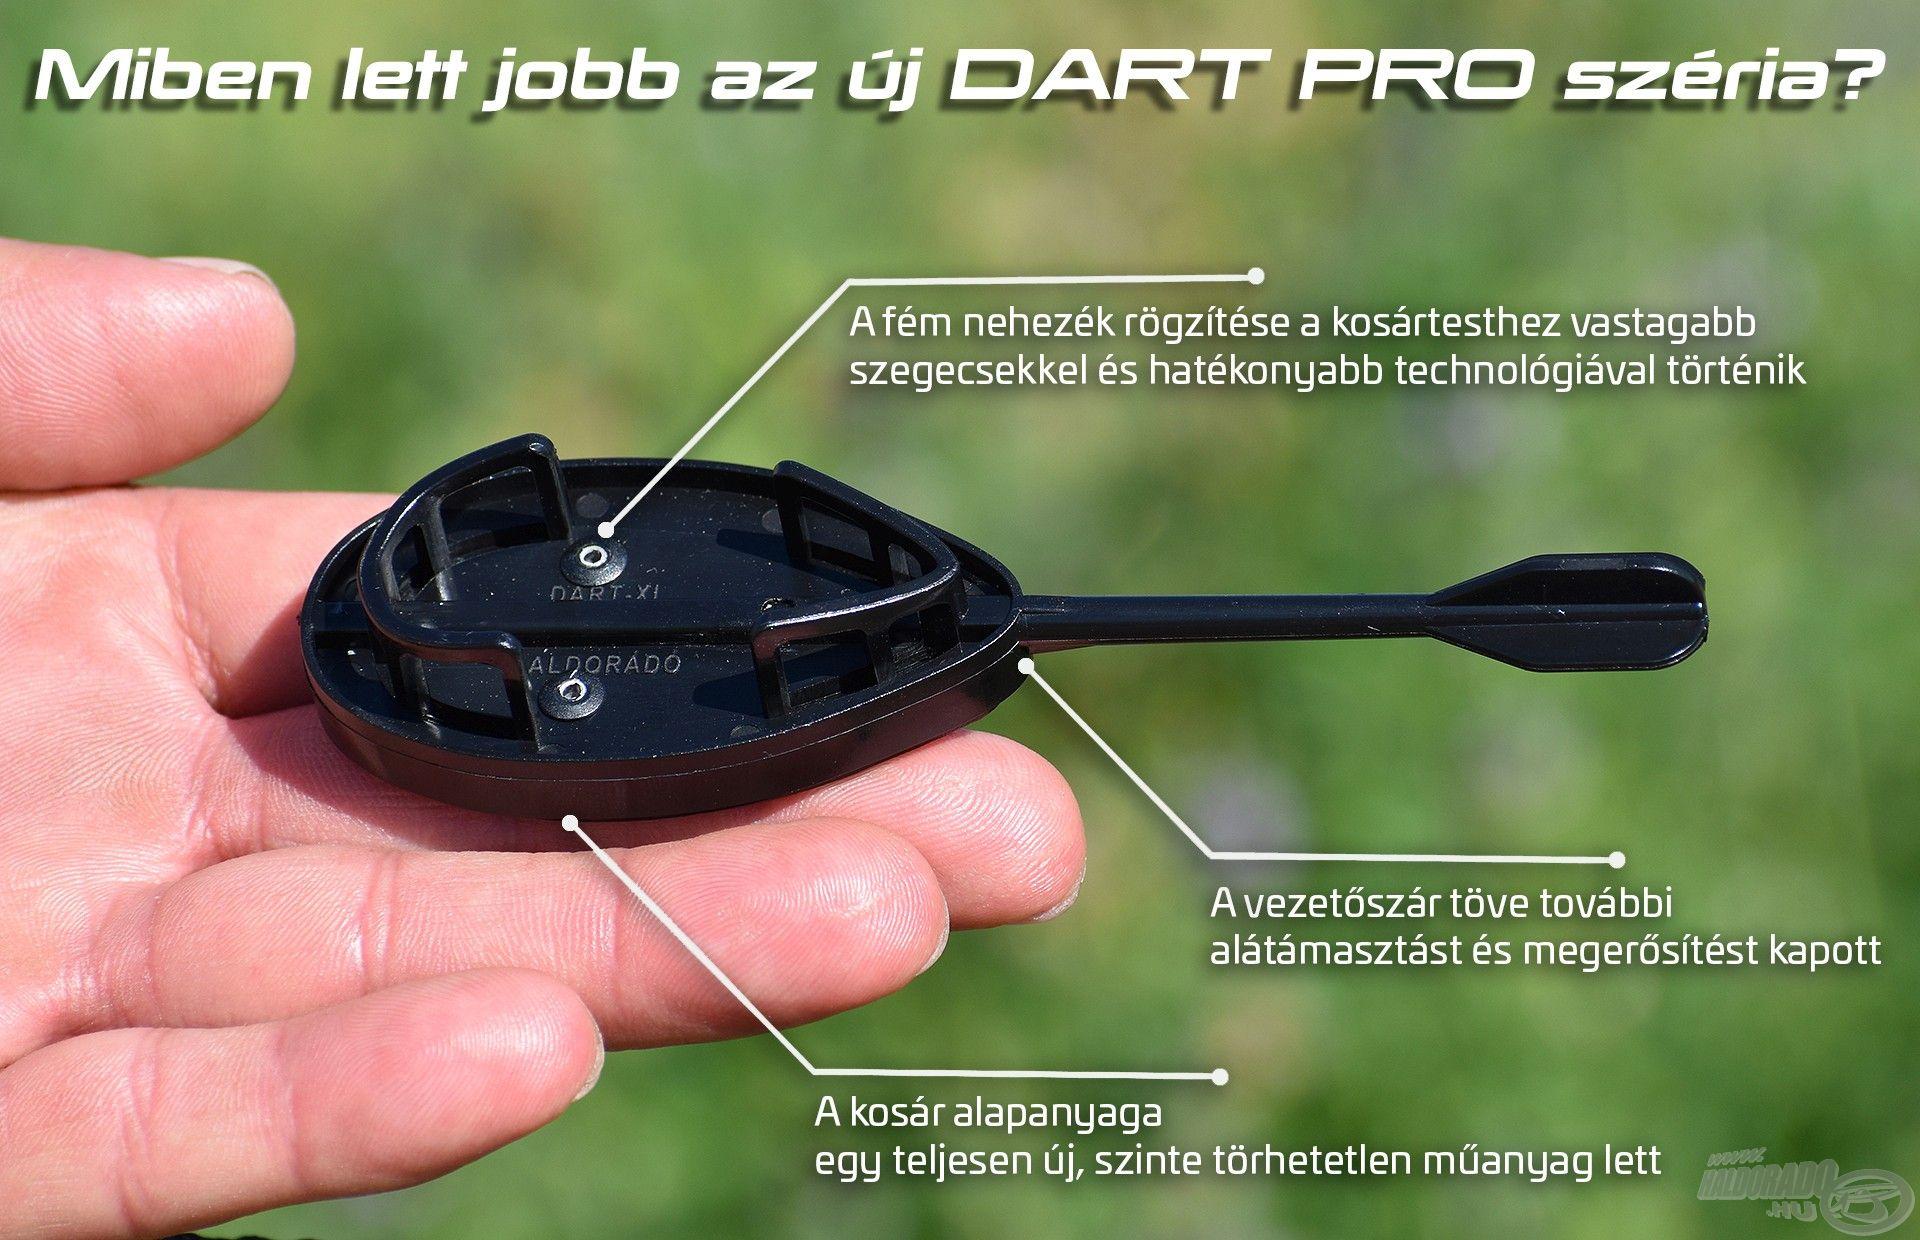 A Dart Pro legfontosabb tulajdonságai